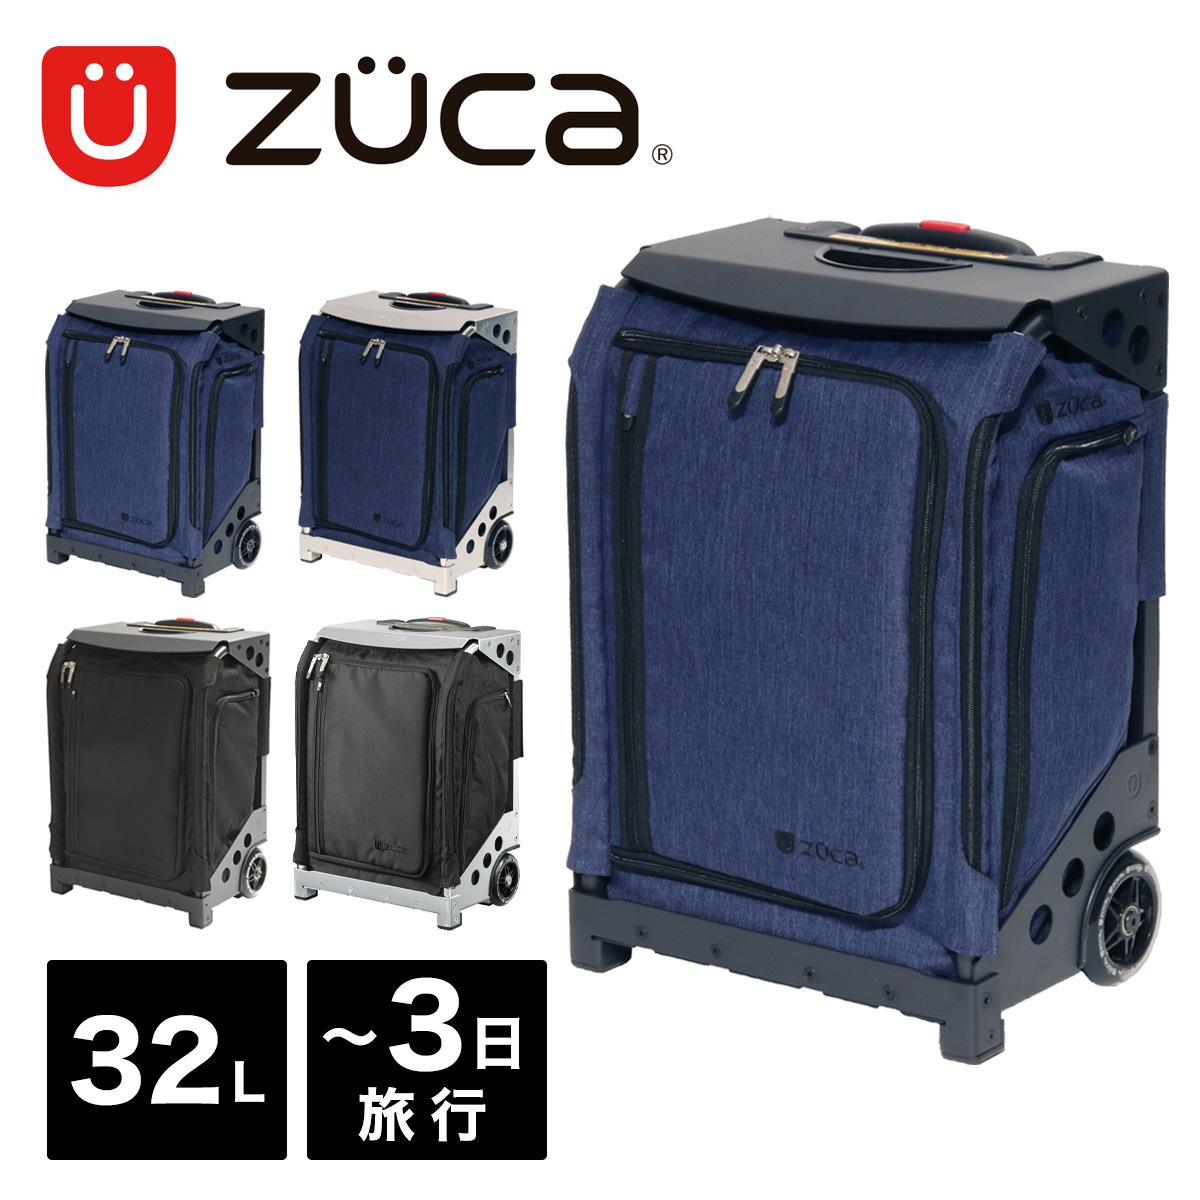 ズーカ スーツケース 3300 NAVIGATOR ナビゲーター 3300 ソフトキャリー 機内持ち込み 機内持ち込み キャリーケース ズーカ キャリーバッグ ZUCA [PO10][bef][即日発送], グッドドッグスジャパン:dd031ca6 --- sunward.msk.ru